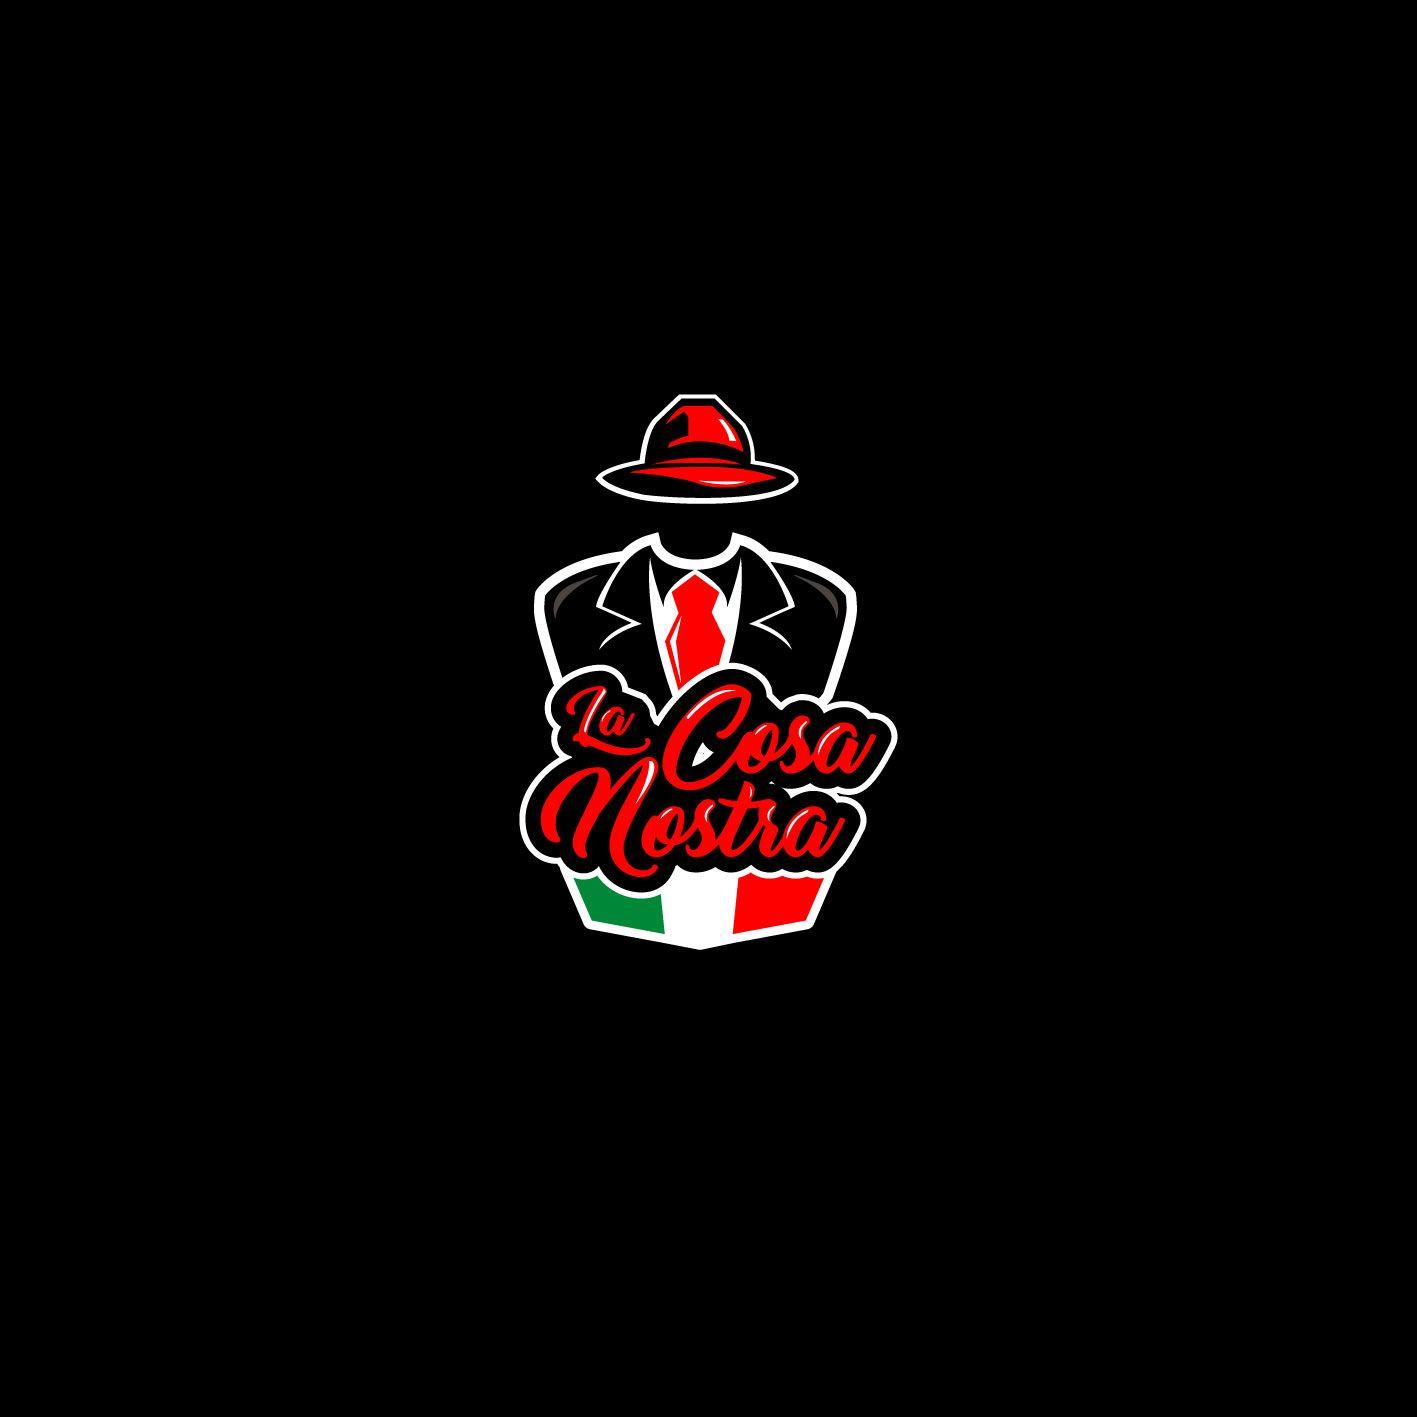 ed2e724f73889 Cosa Nostra logo